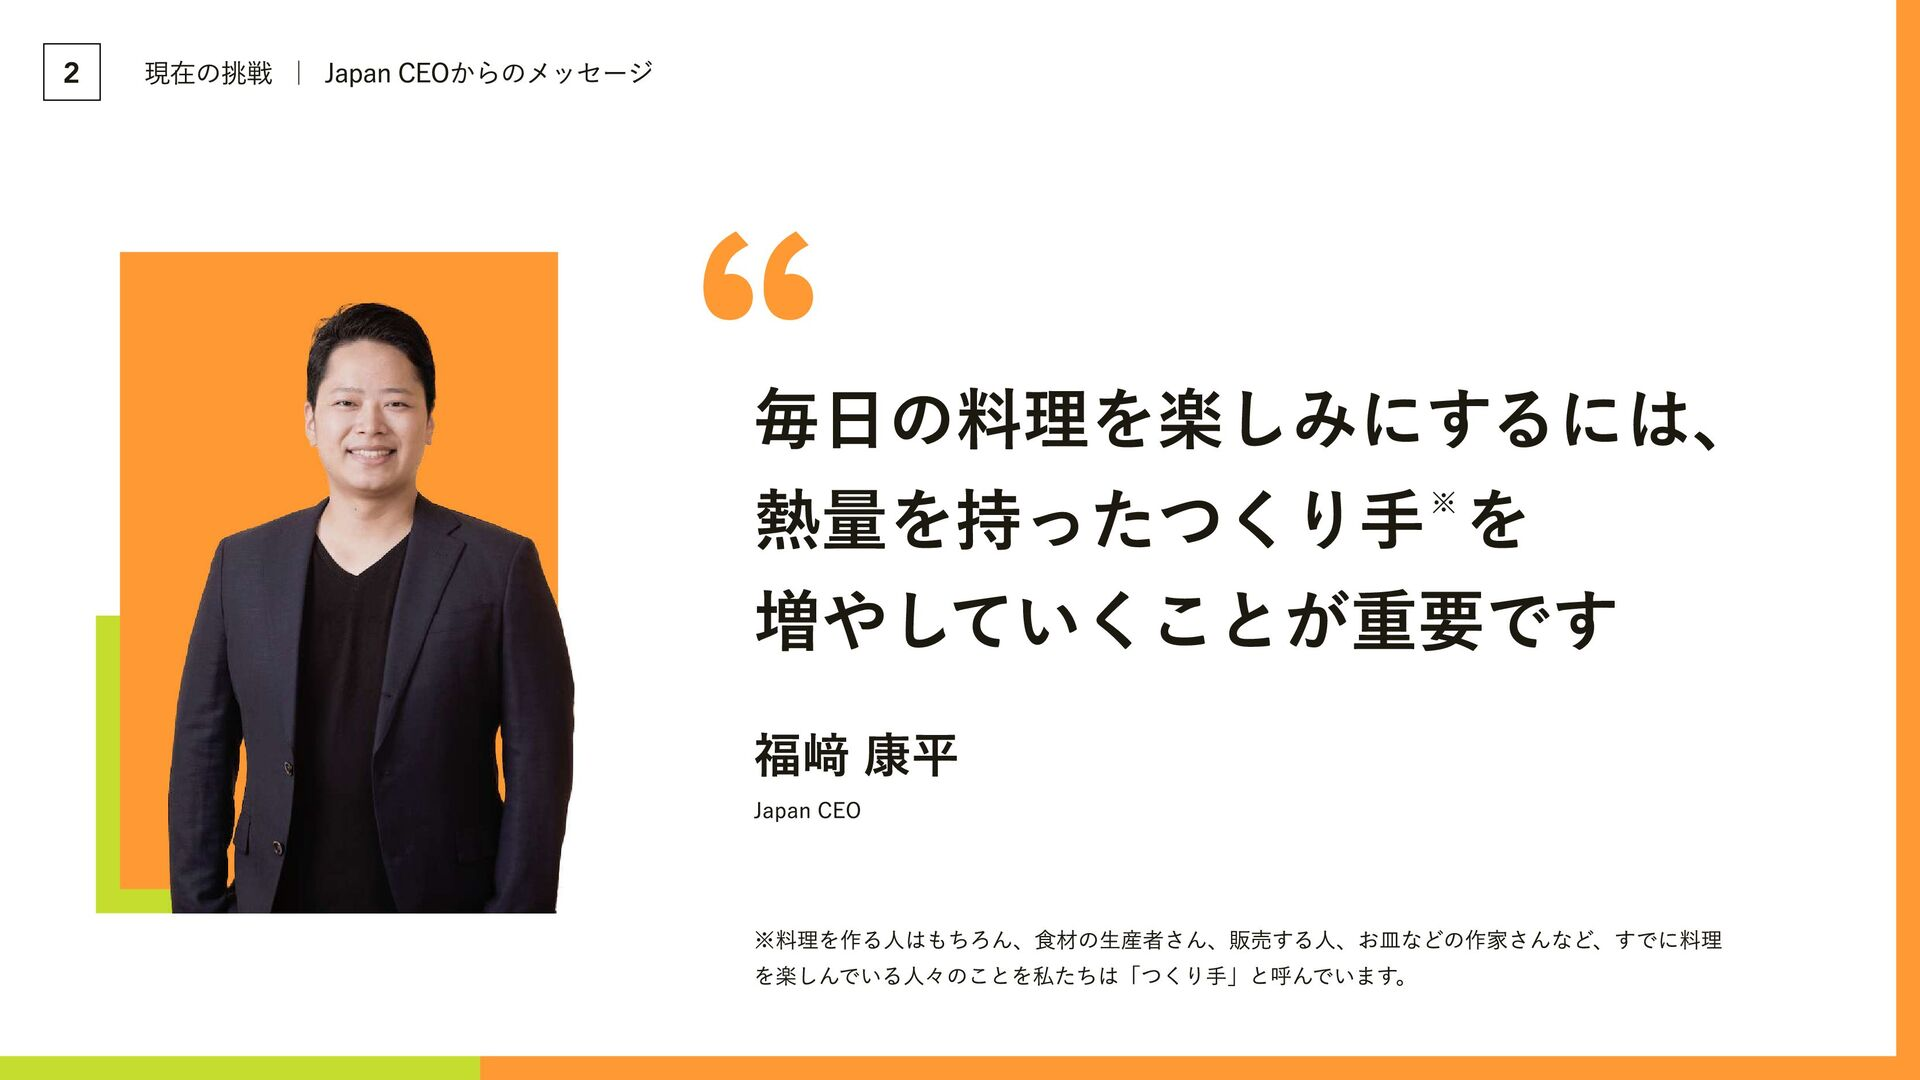 現在の挑戦 | Japan CEOからのメッセージ 2 毎日の料理を楽しみにするには、  熱量...